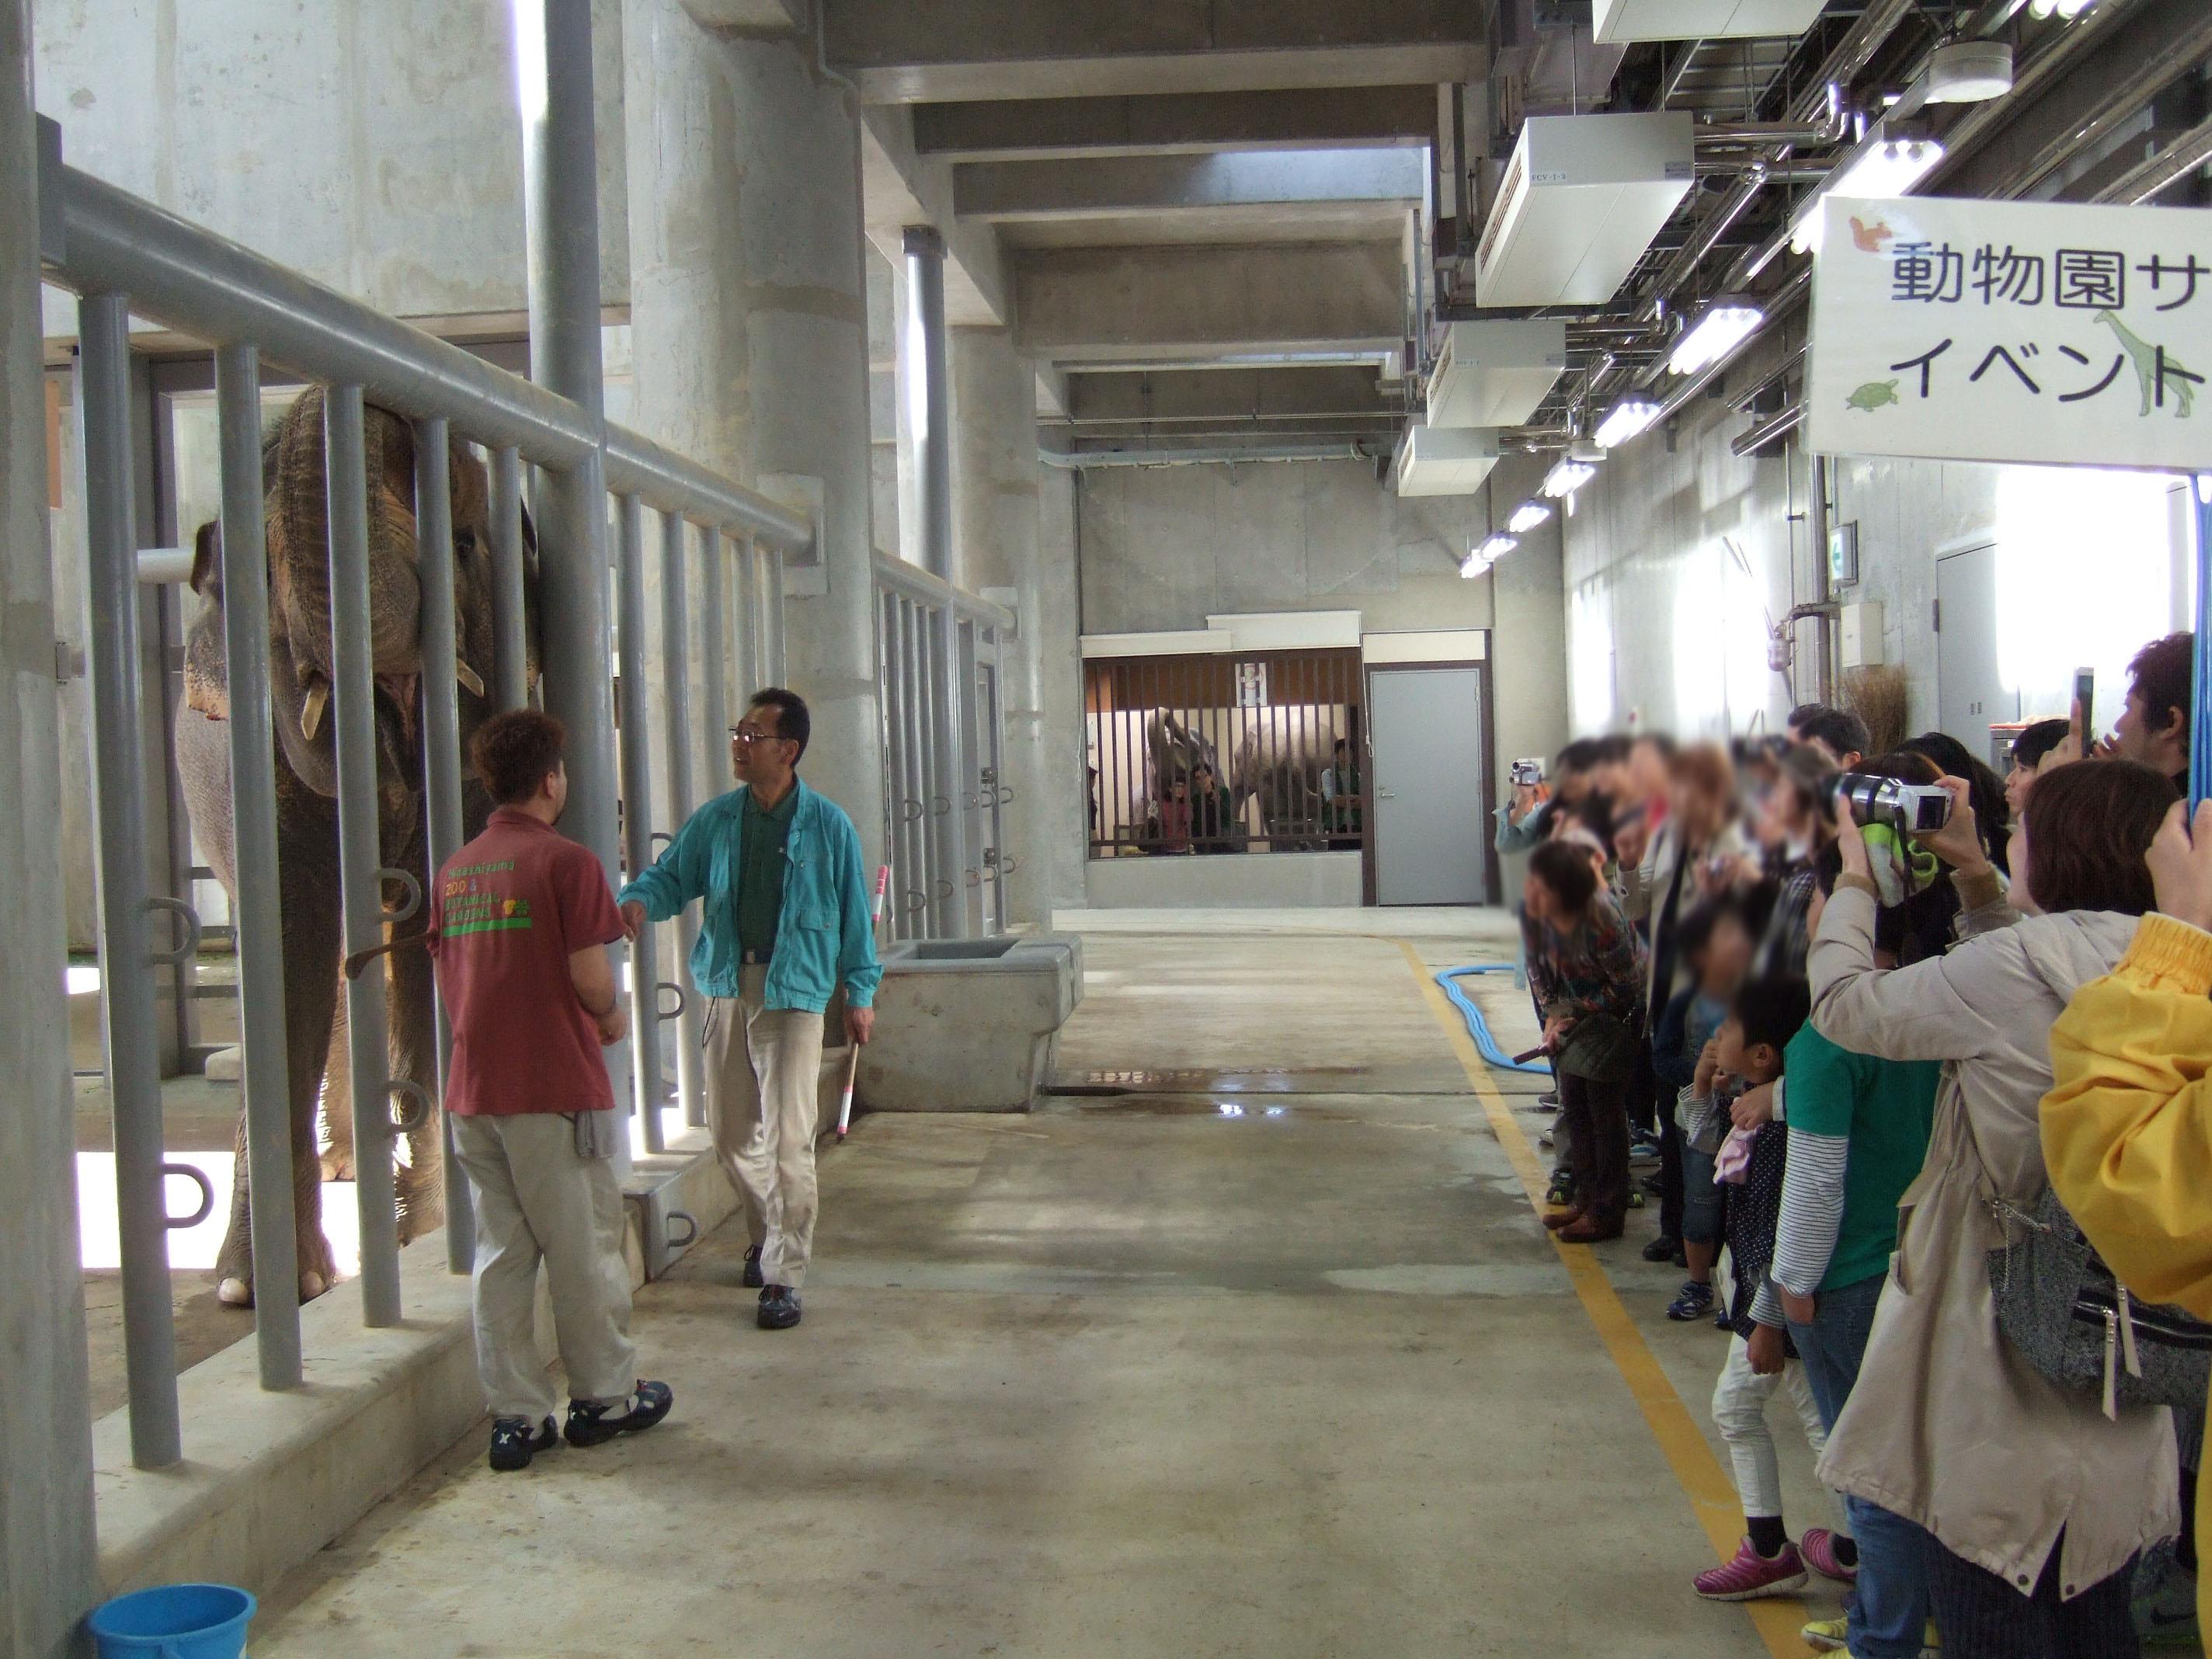 ゾージアム見学ツアーを開催しました